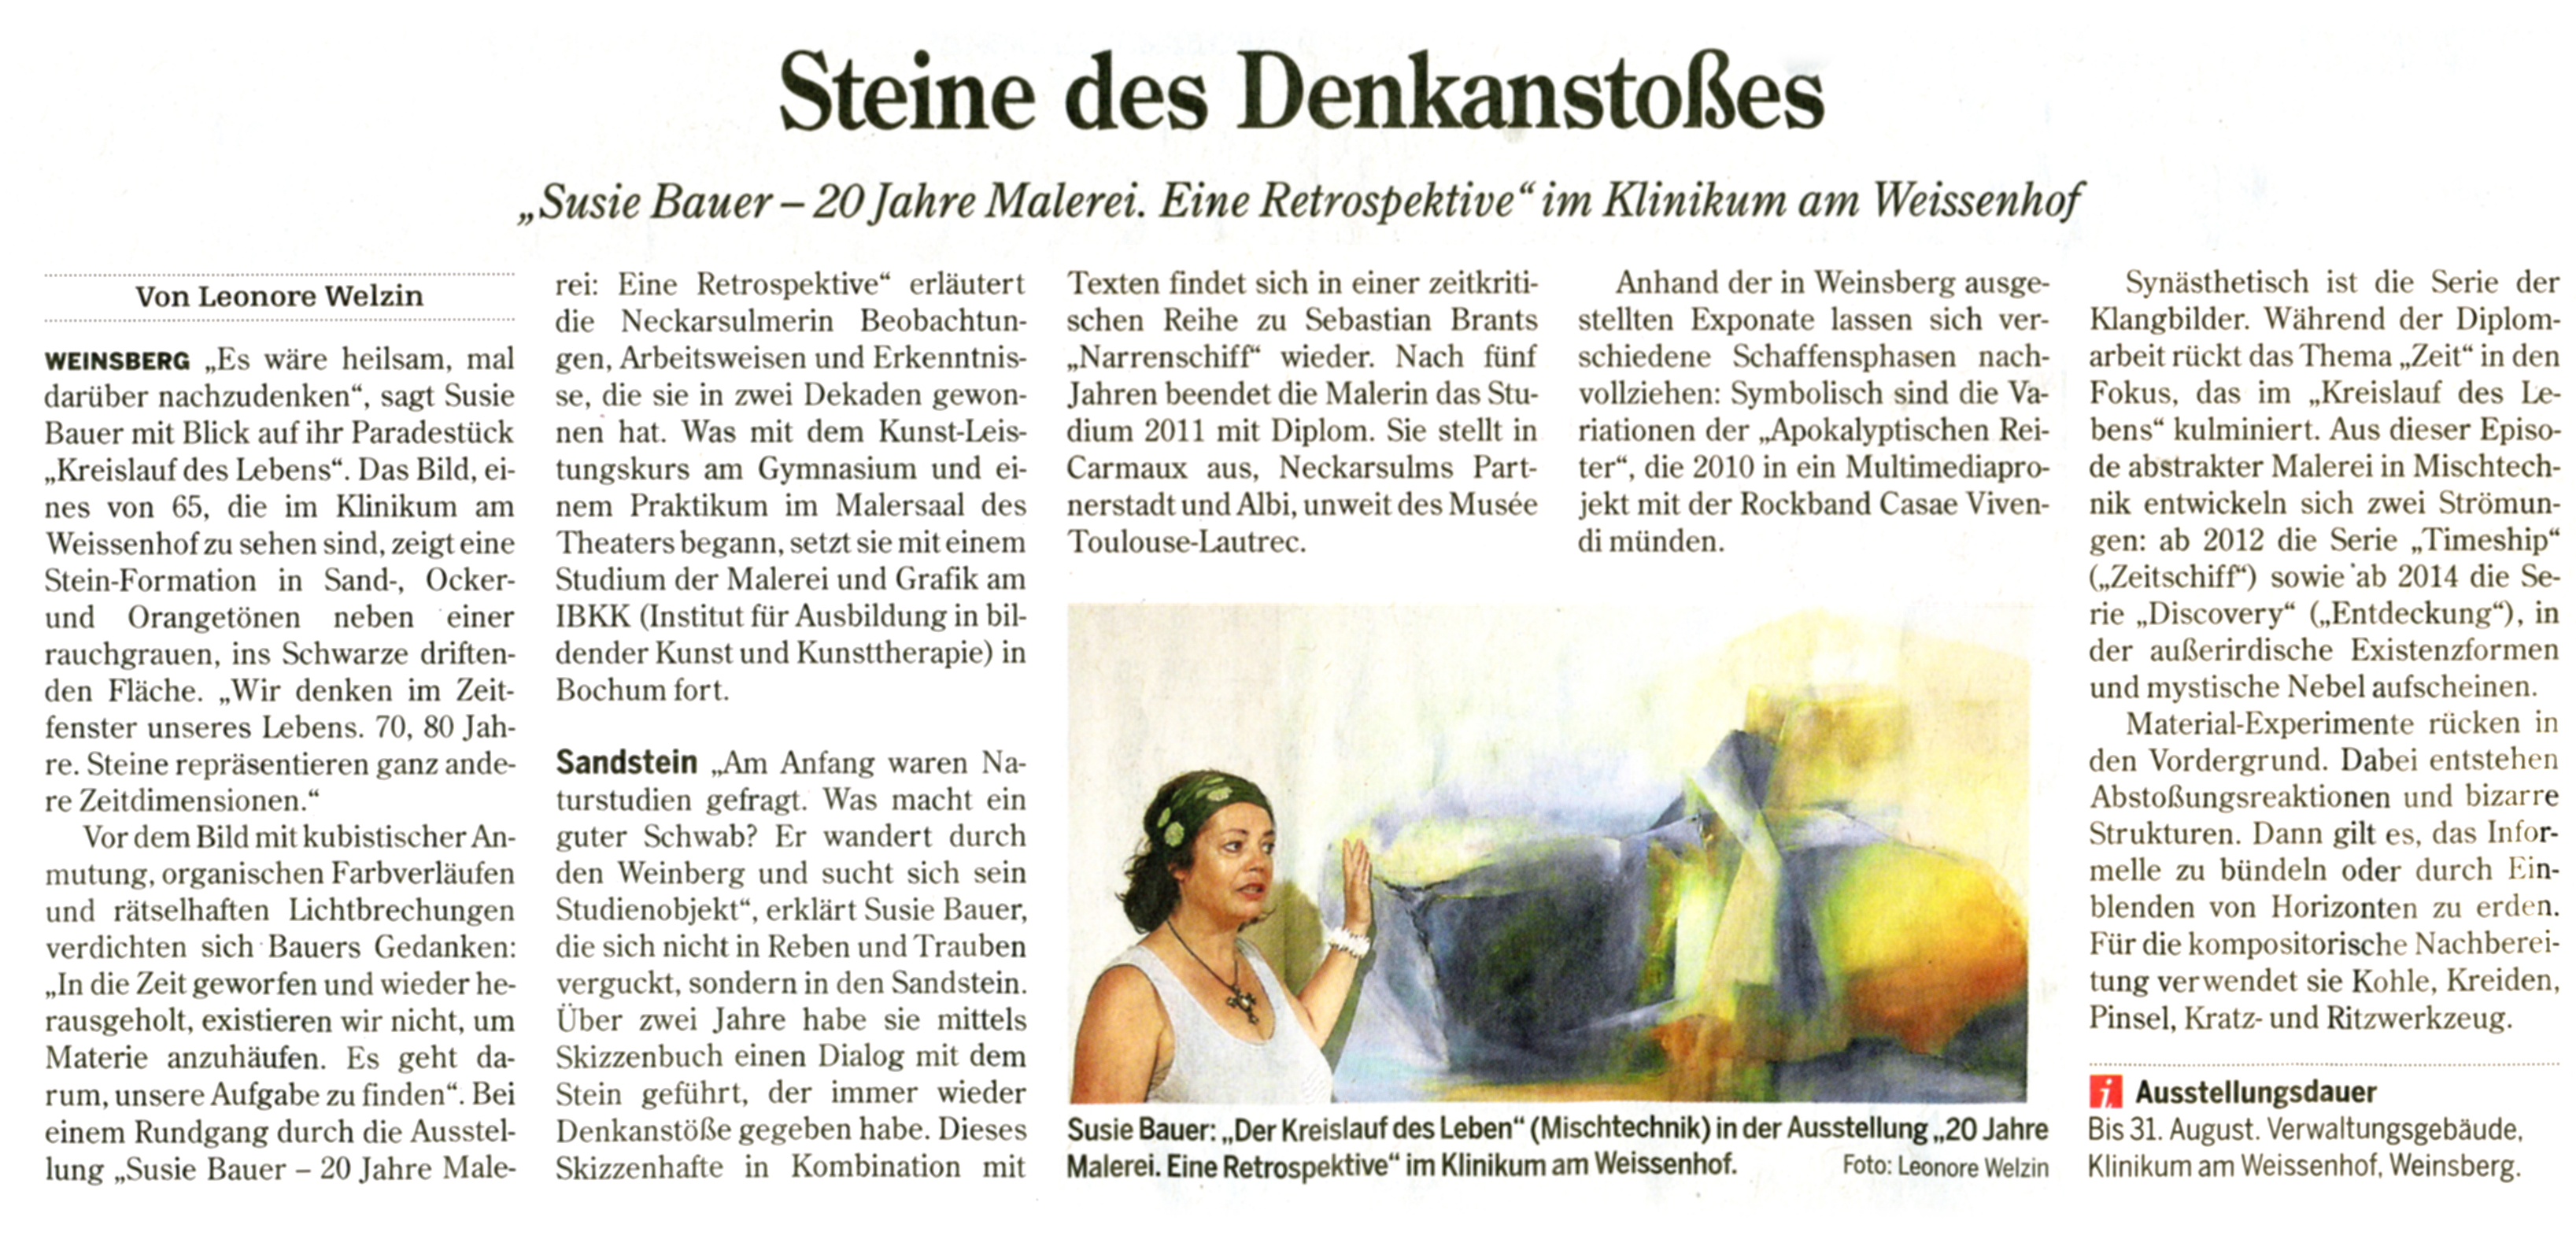 PR-Bericht Heilbronner Stimme 2016